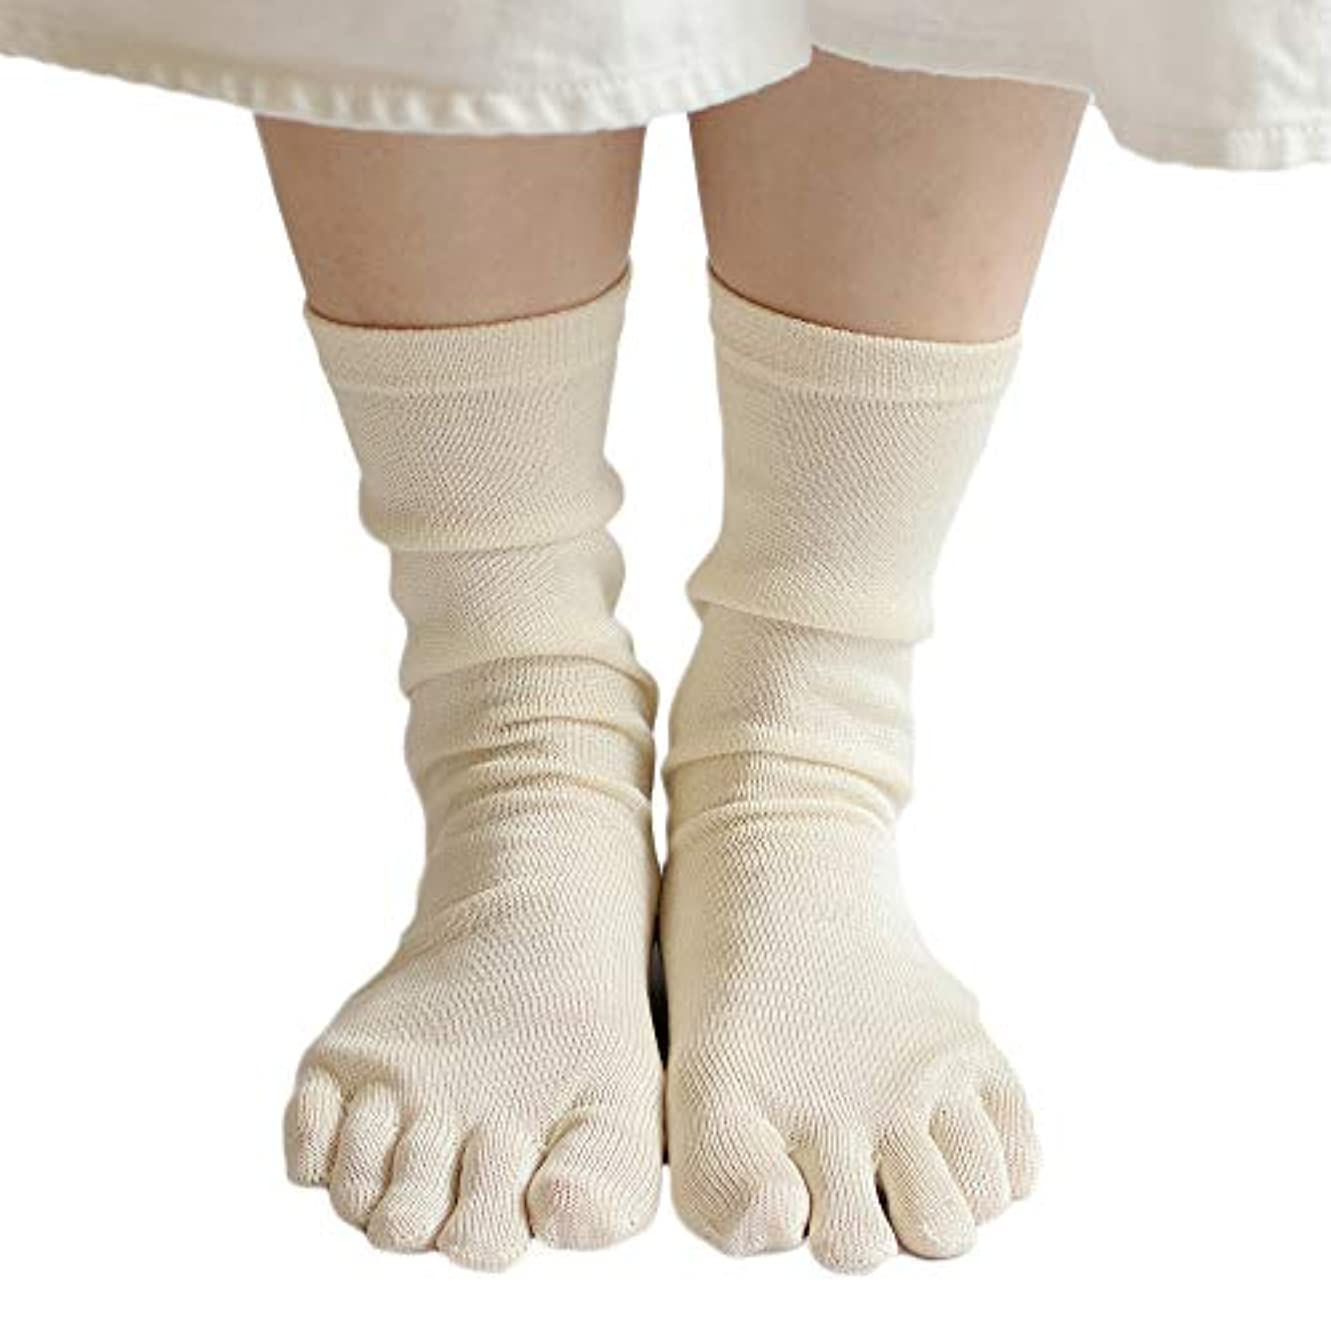 ペルメル素晴らしさベストタイシルク 100% 五本指 ソックス 3足セット かかとあり 上質なシルクを100%使用した薄手靴下 重ね履きのインナーソックスや冷えとりに